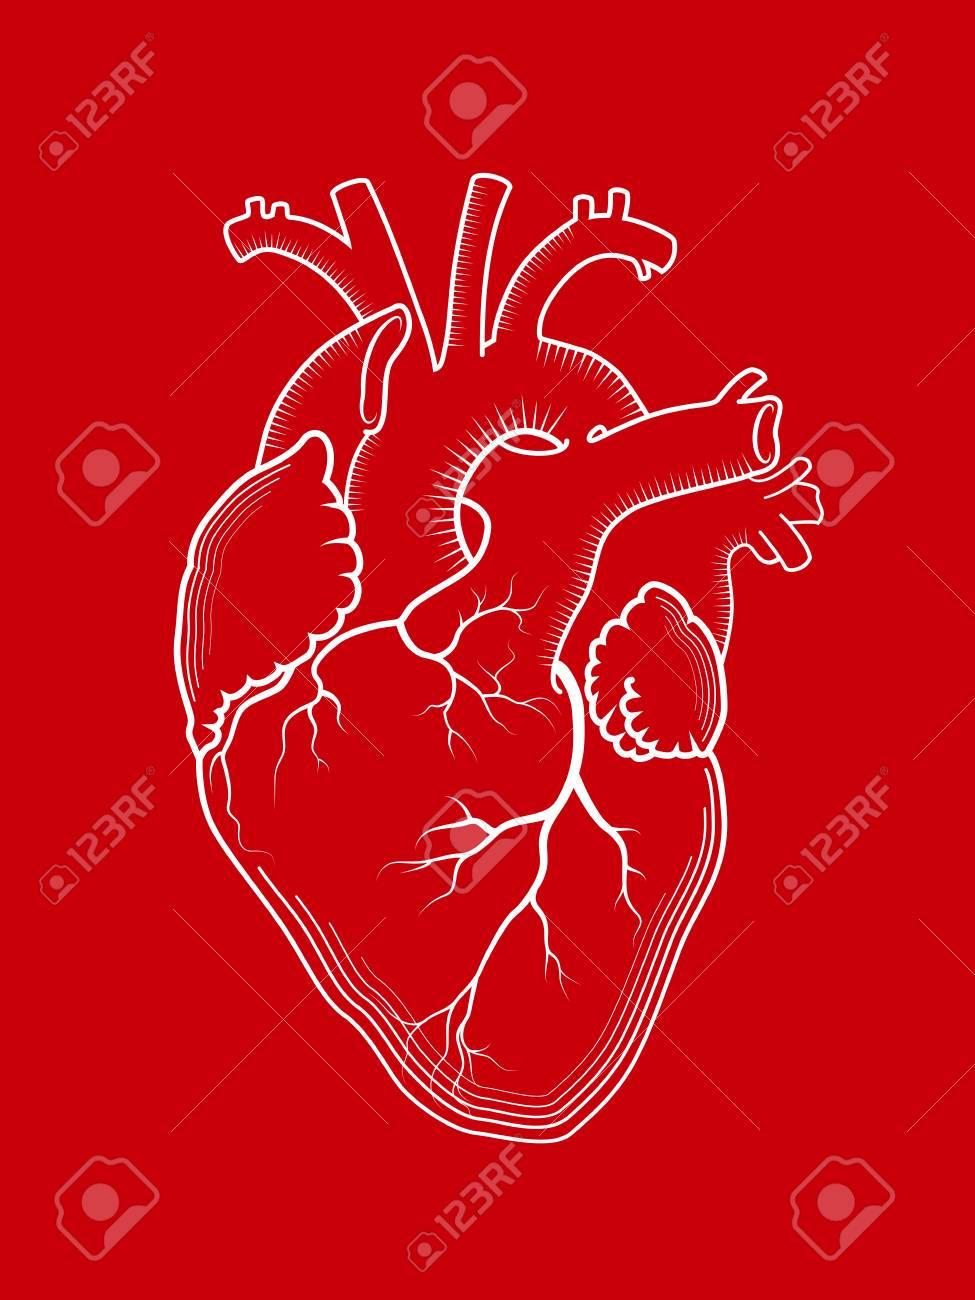 Corazón. El órgano Humano Interno, Estructura Anatómica. Esquema ...